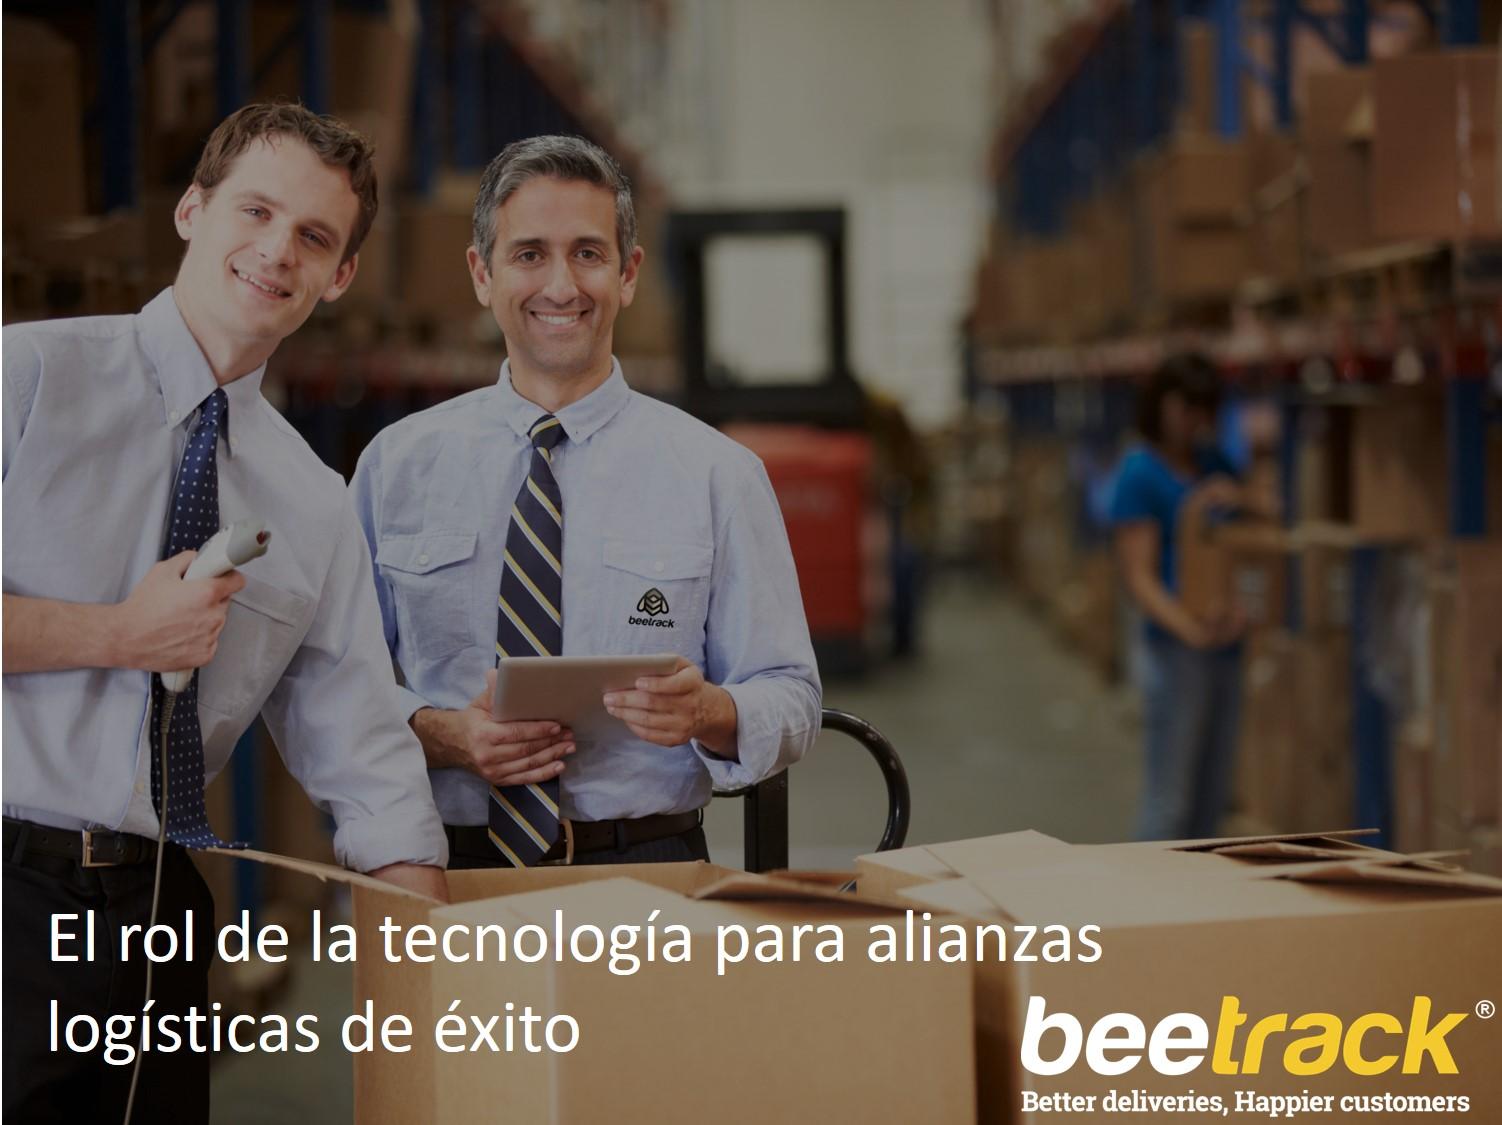 El rol de la tecnología para alianzas logísticas de éxito